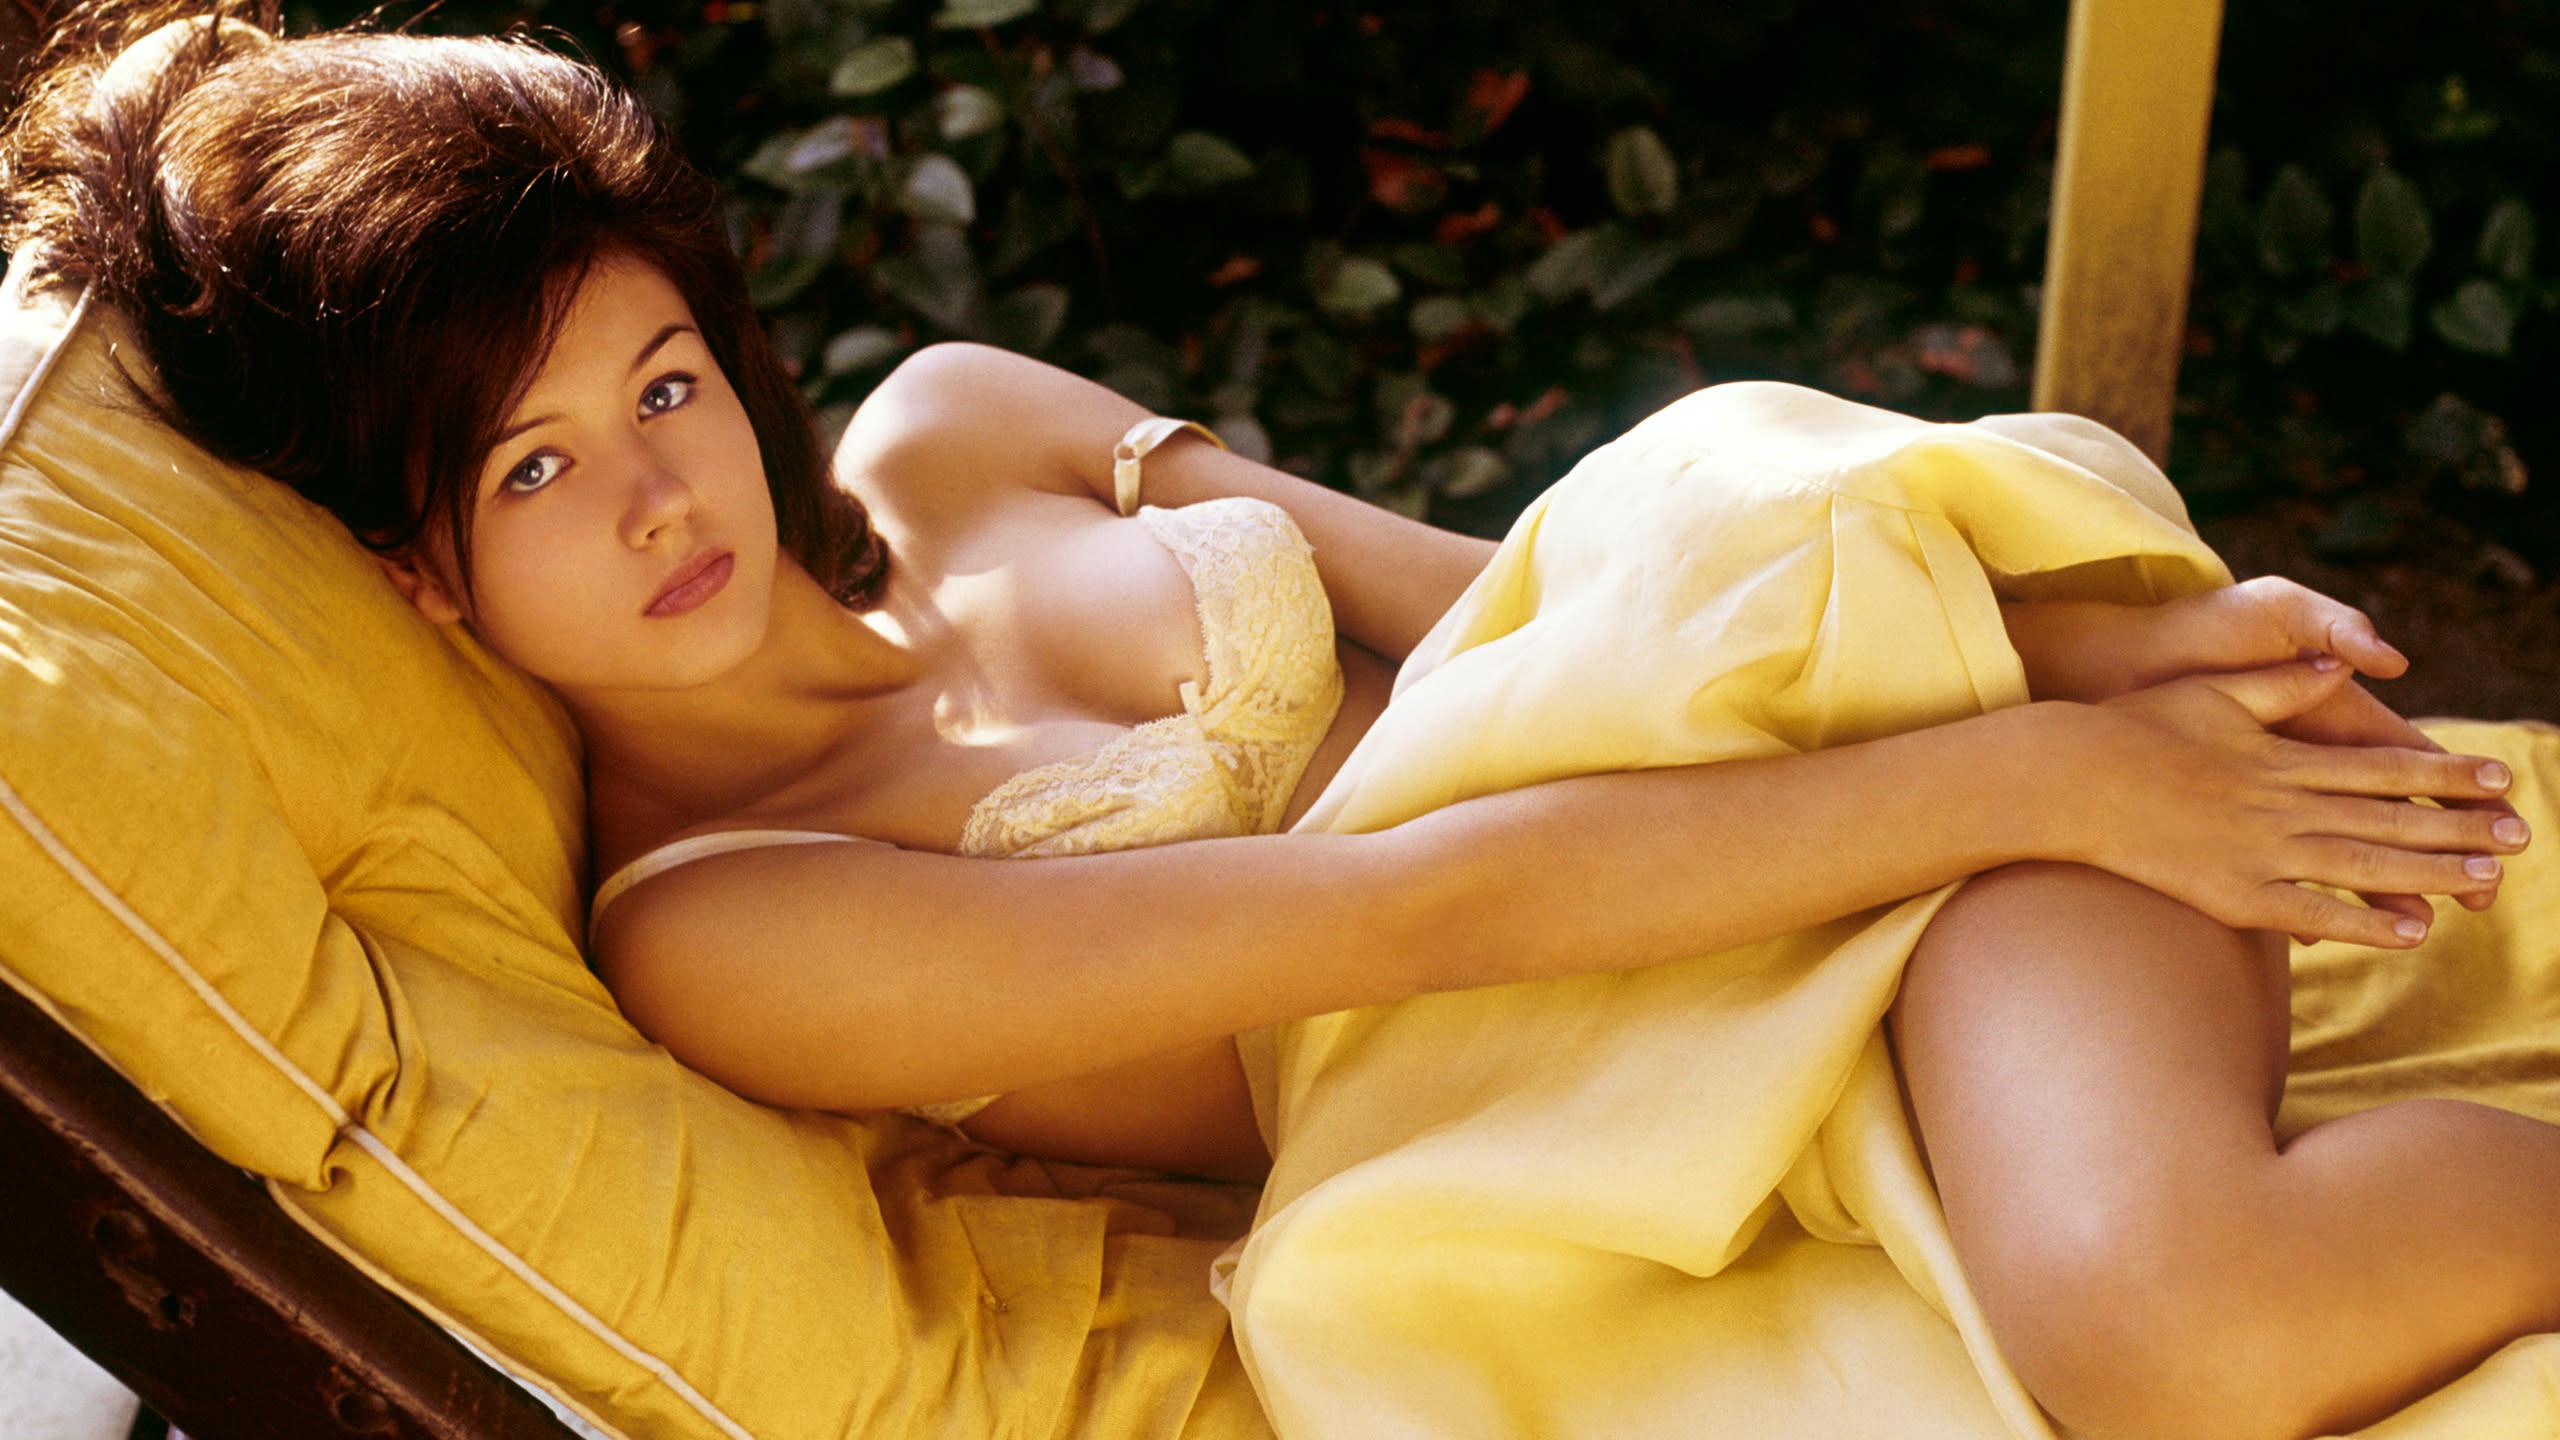 nude pics of fijian gals